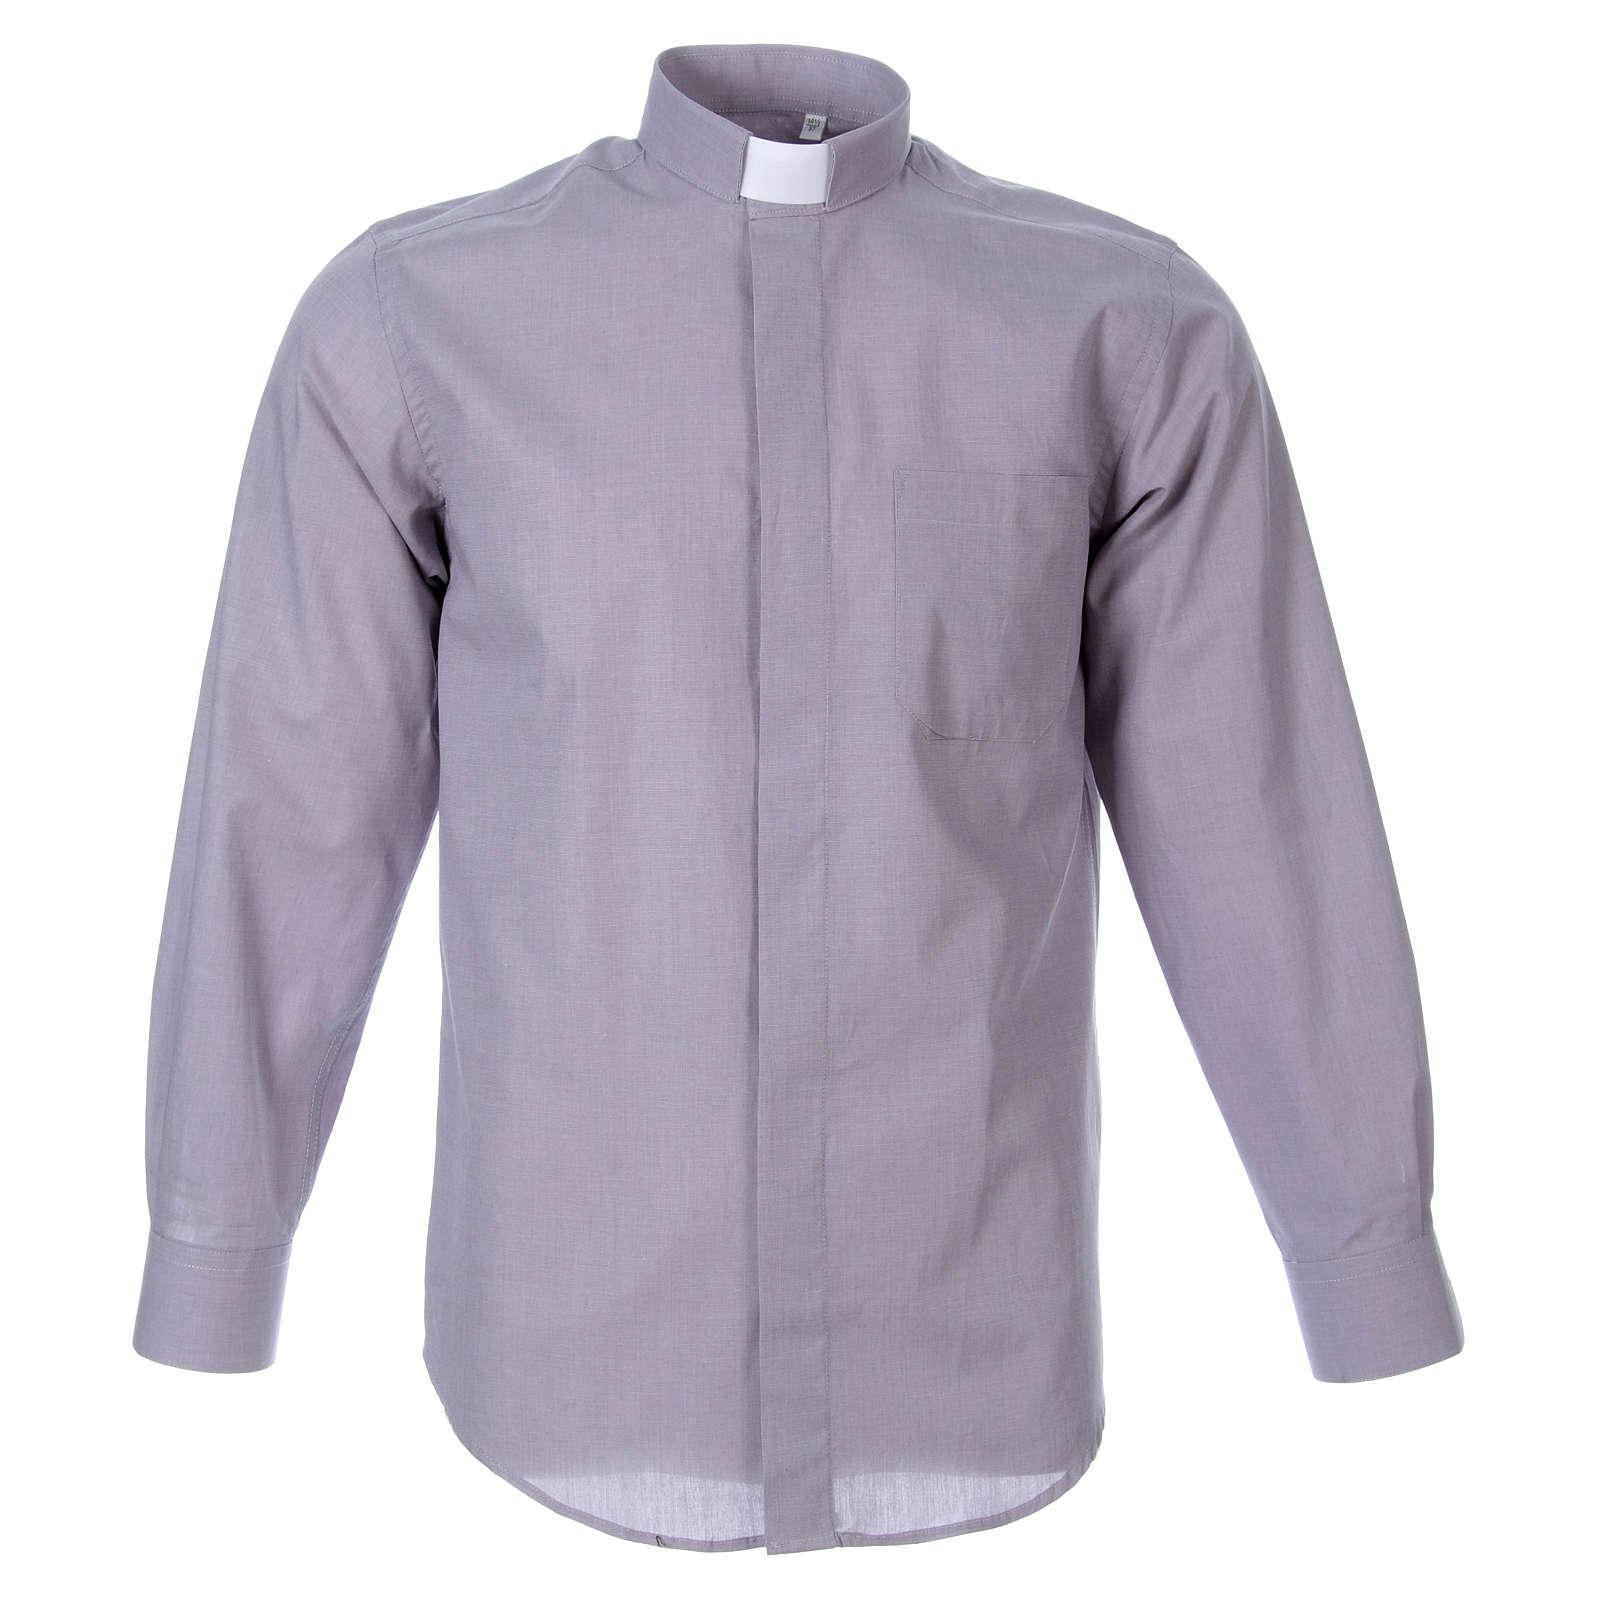 STOCK Camisa clergyman manga longa filafil cinzento claro 4